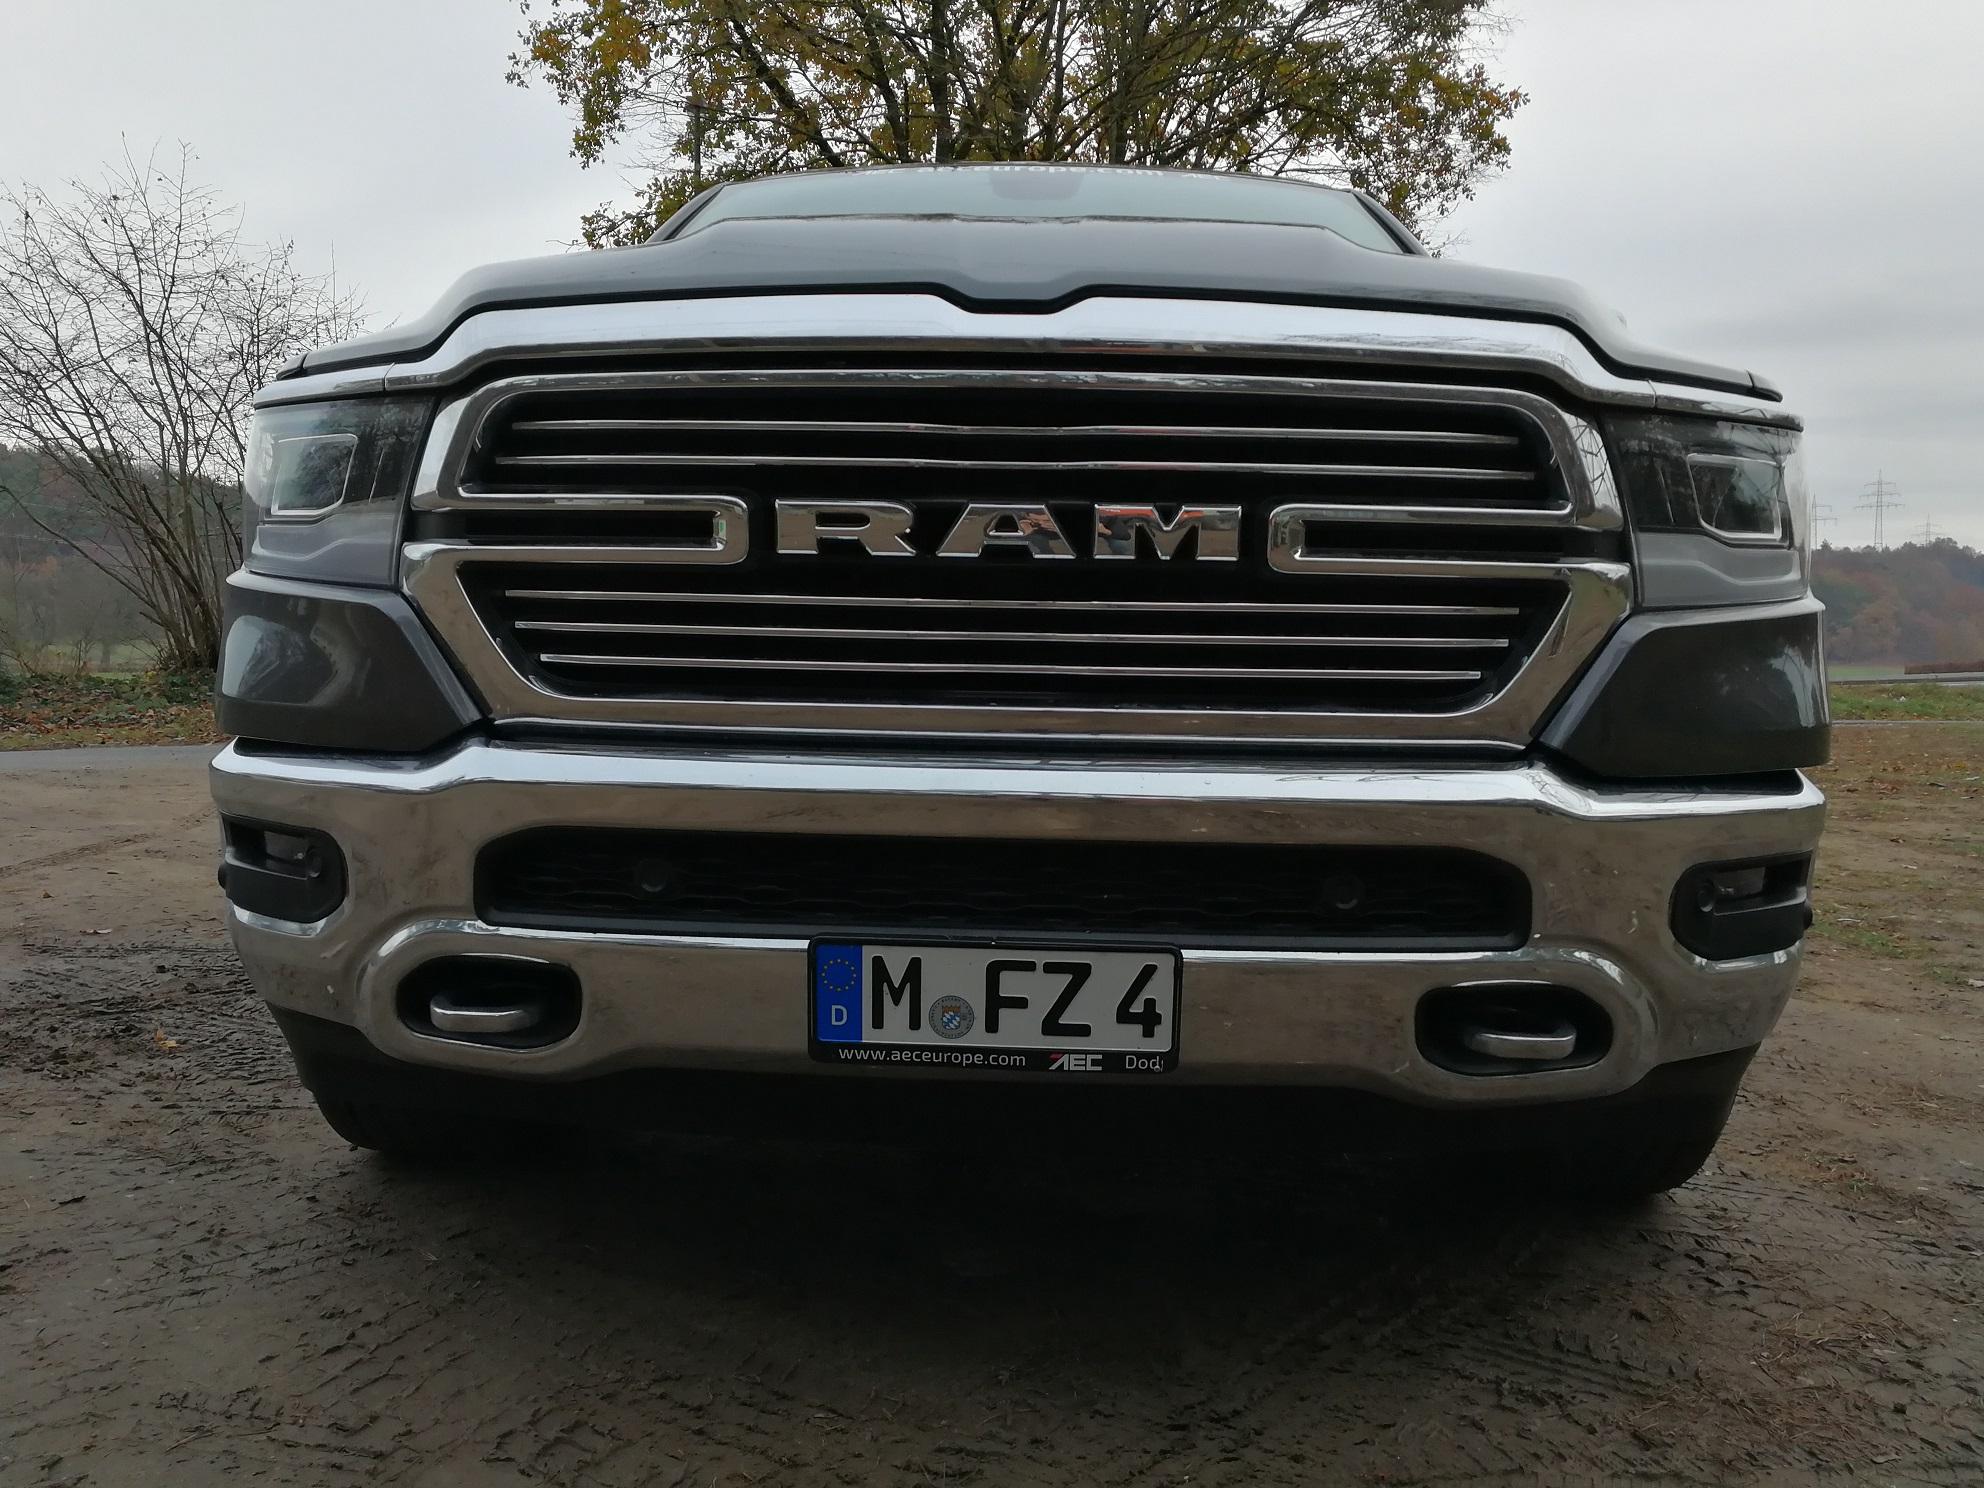 RAM 1500 Modelljahr 2019 Blick auf den Kühlergrill und die Front